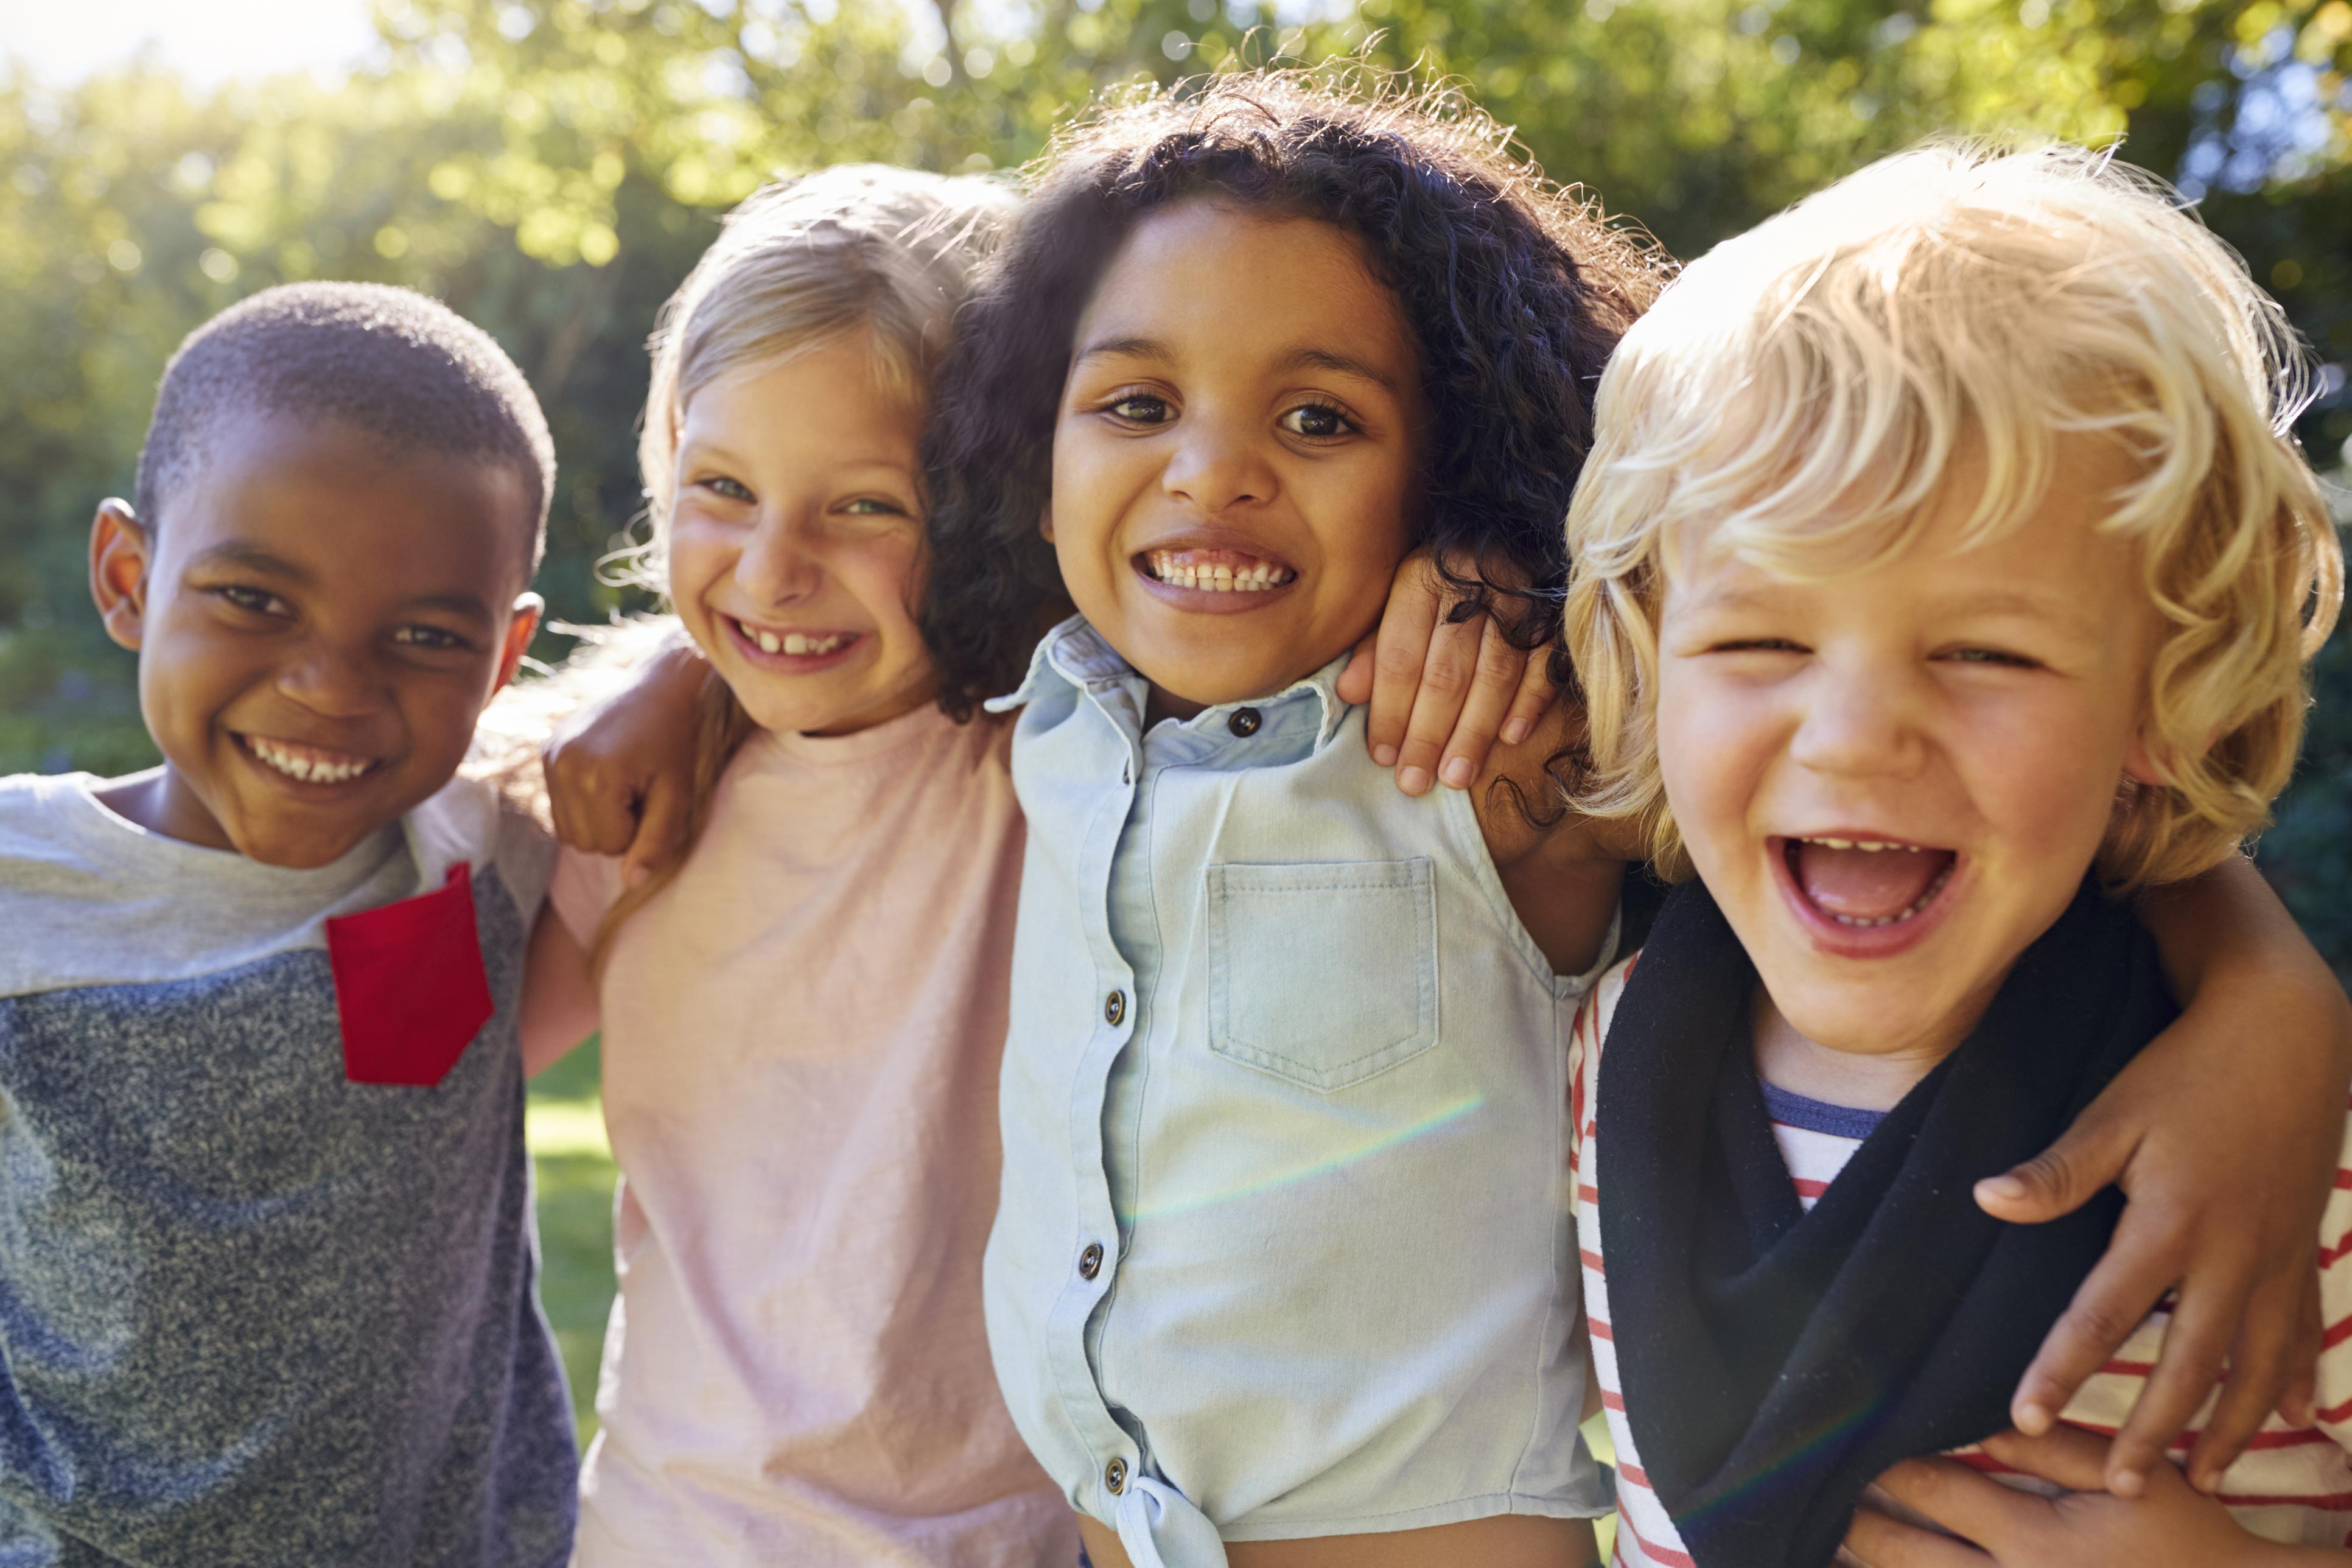 兒童團體花絮:學習尊重其他小朋友,從觀察開始